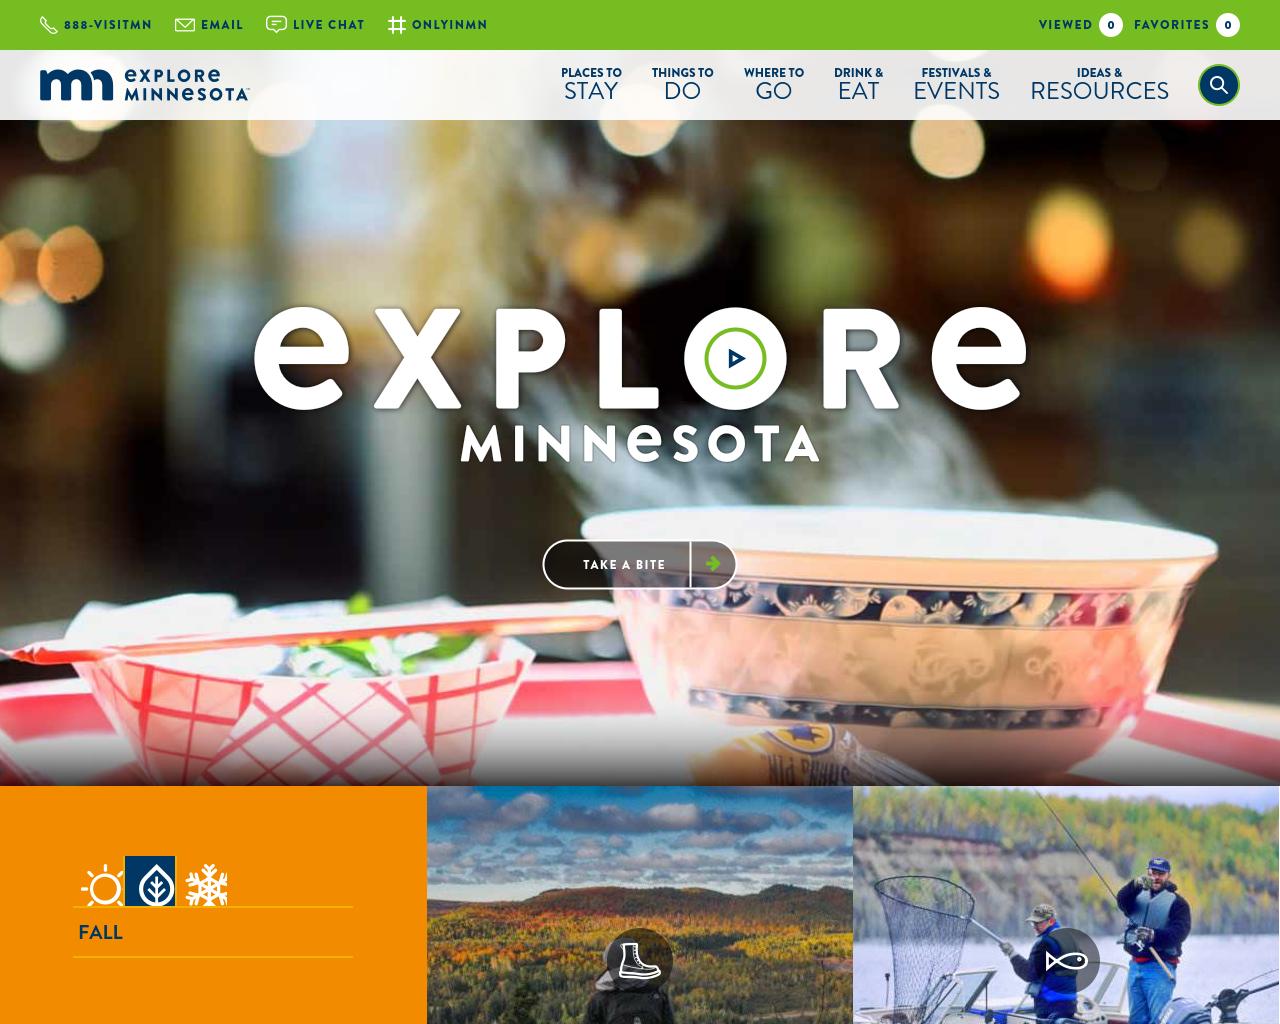 Explore-Minnesota-Advertising-Reviews-Pricing